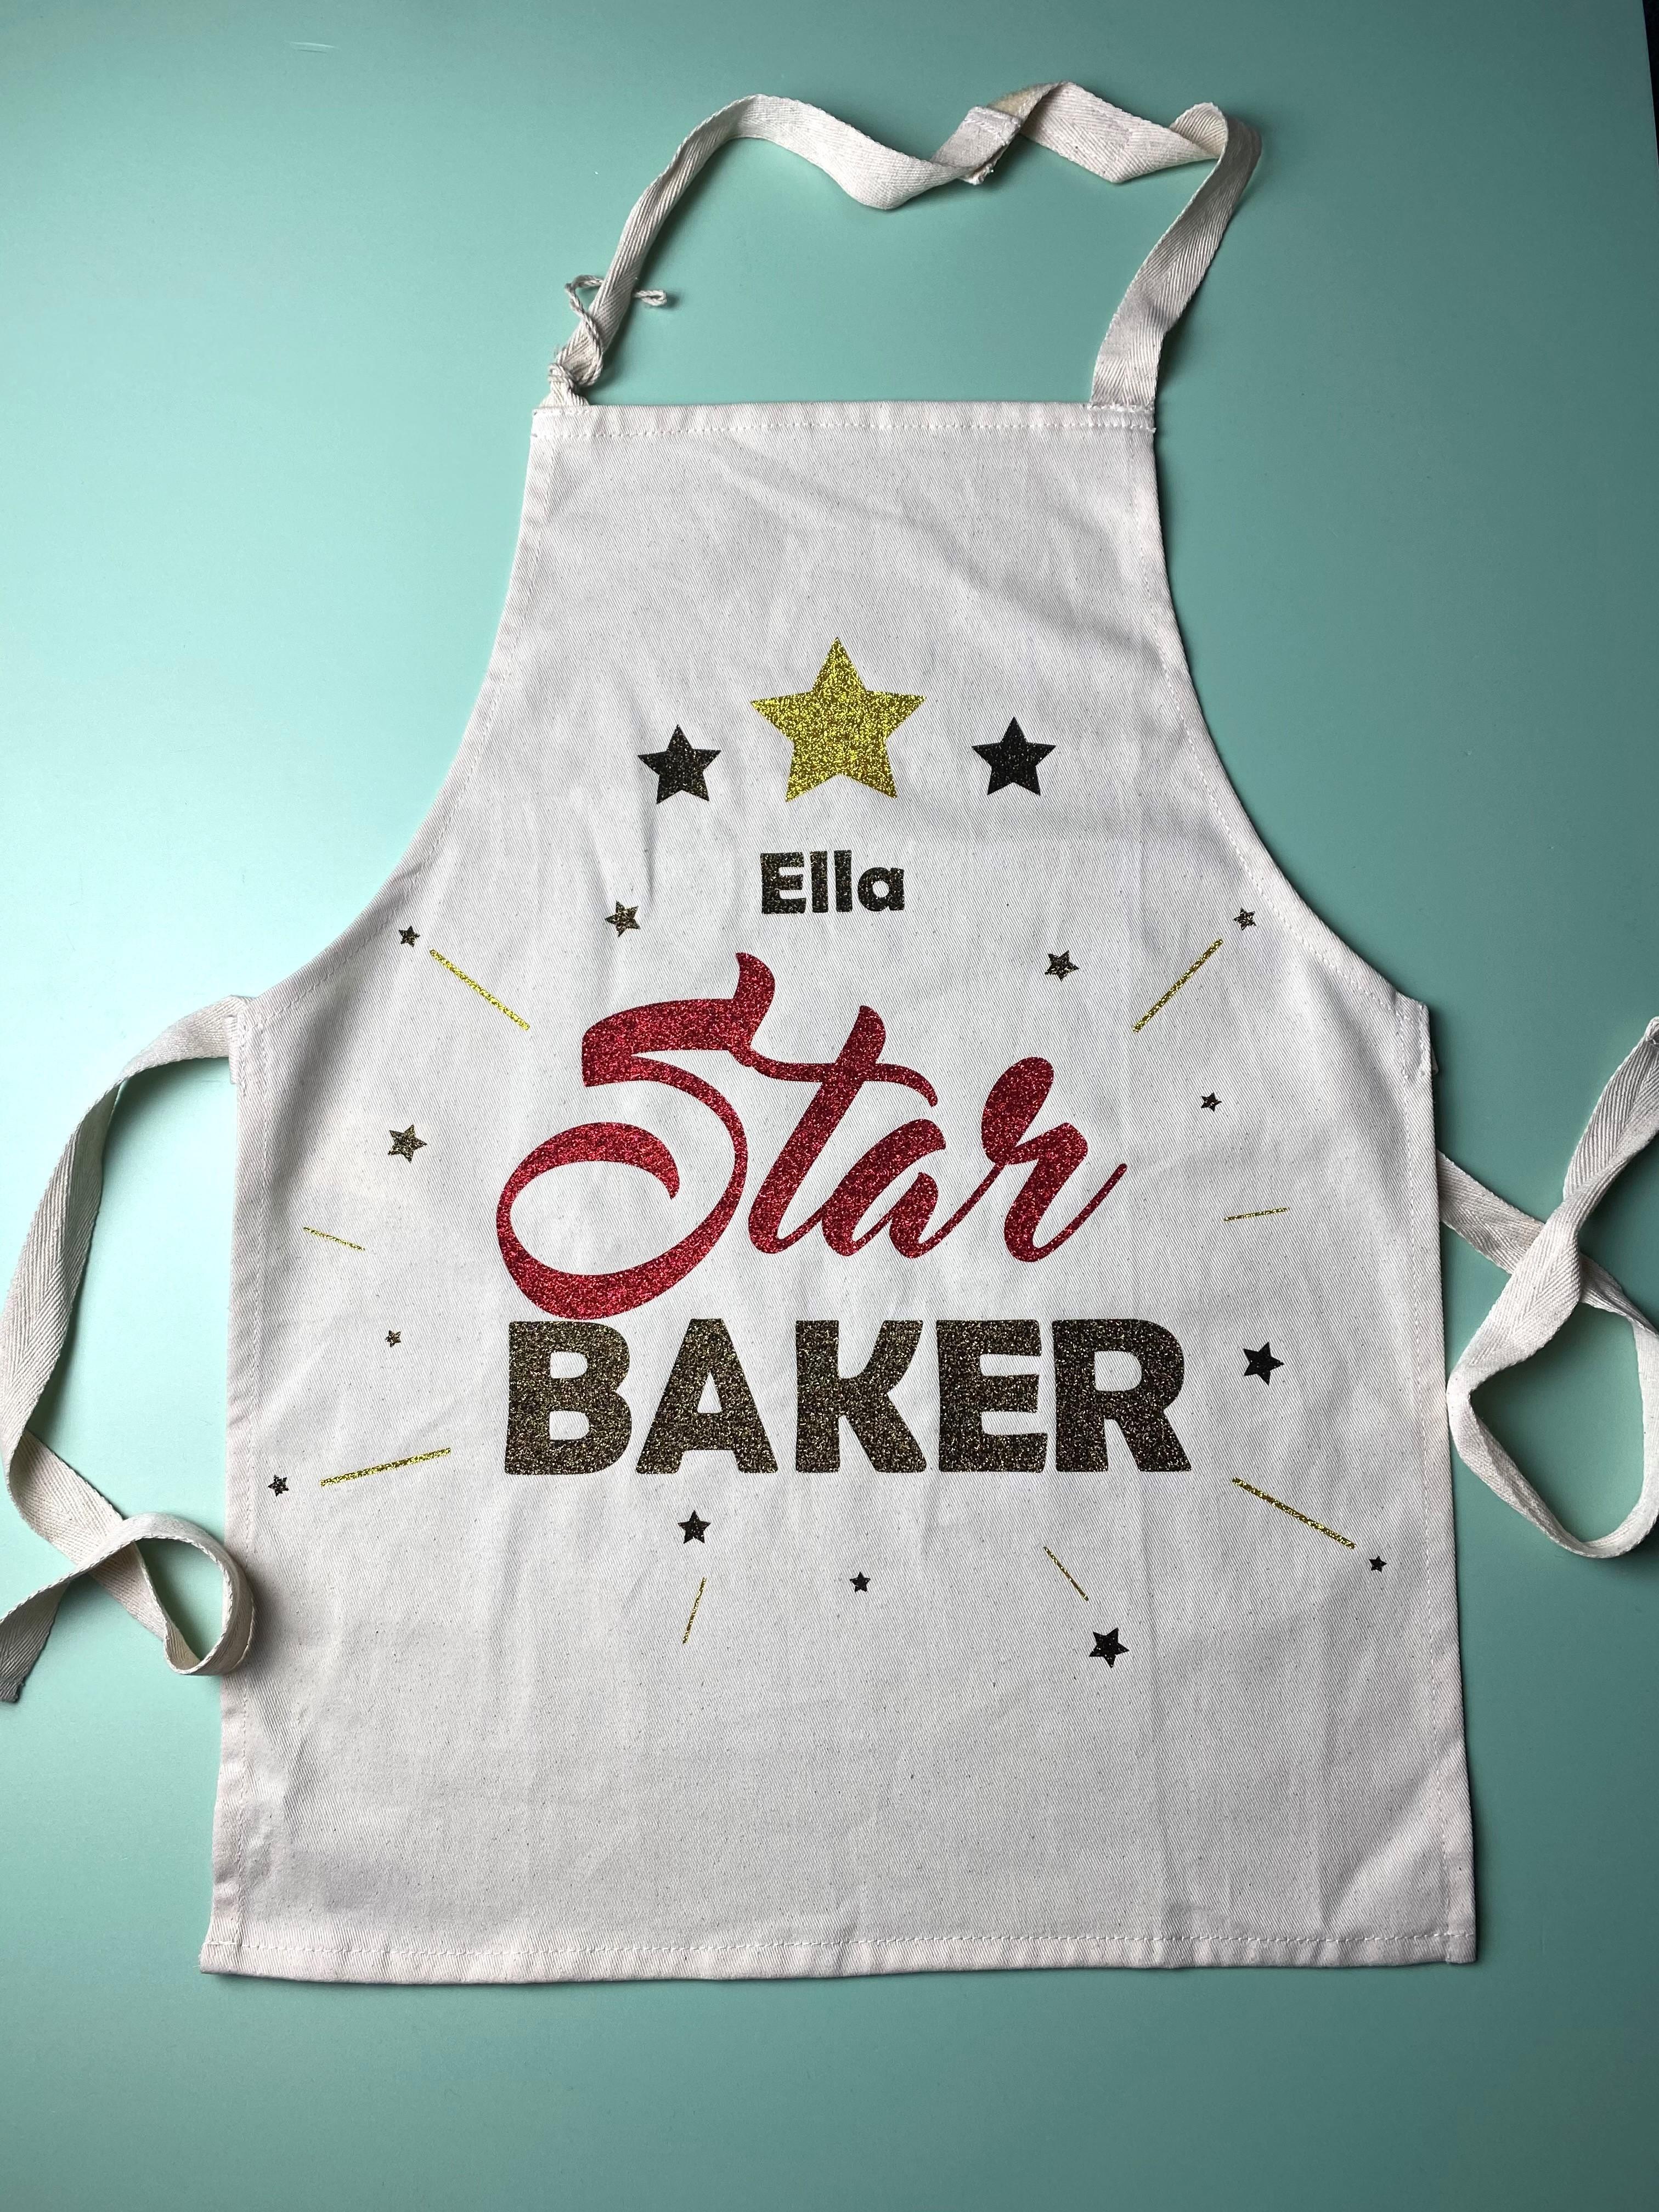 bake off apron design